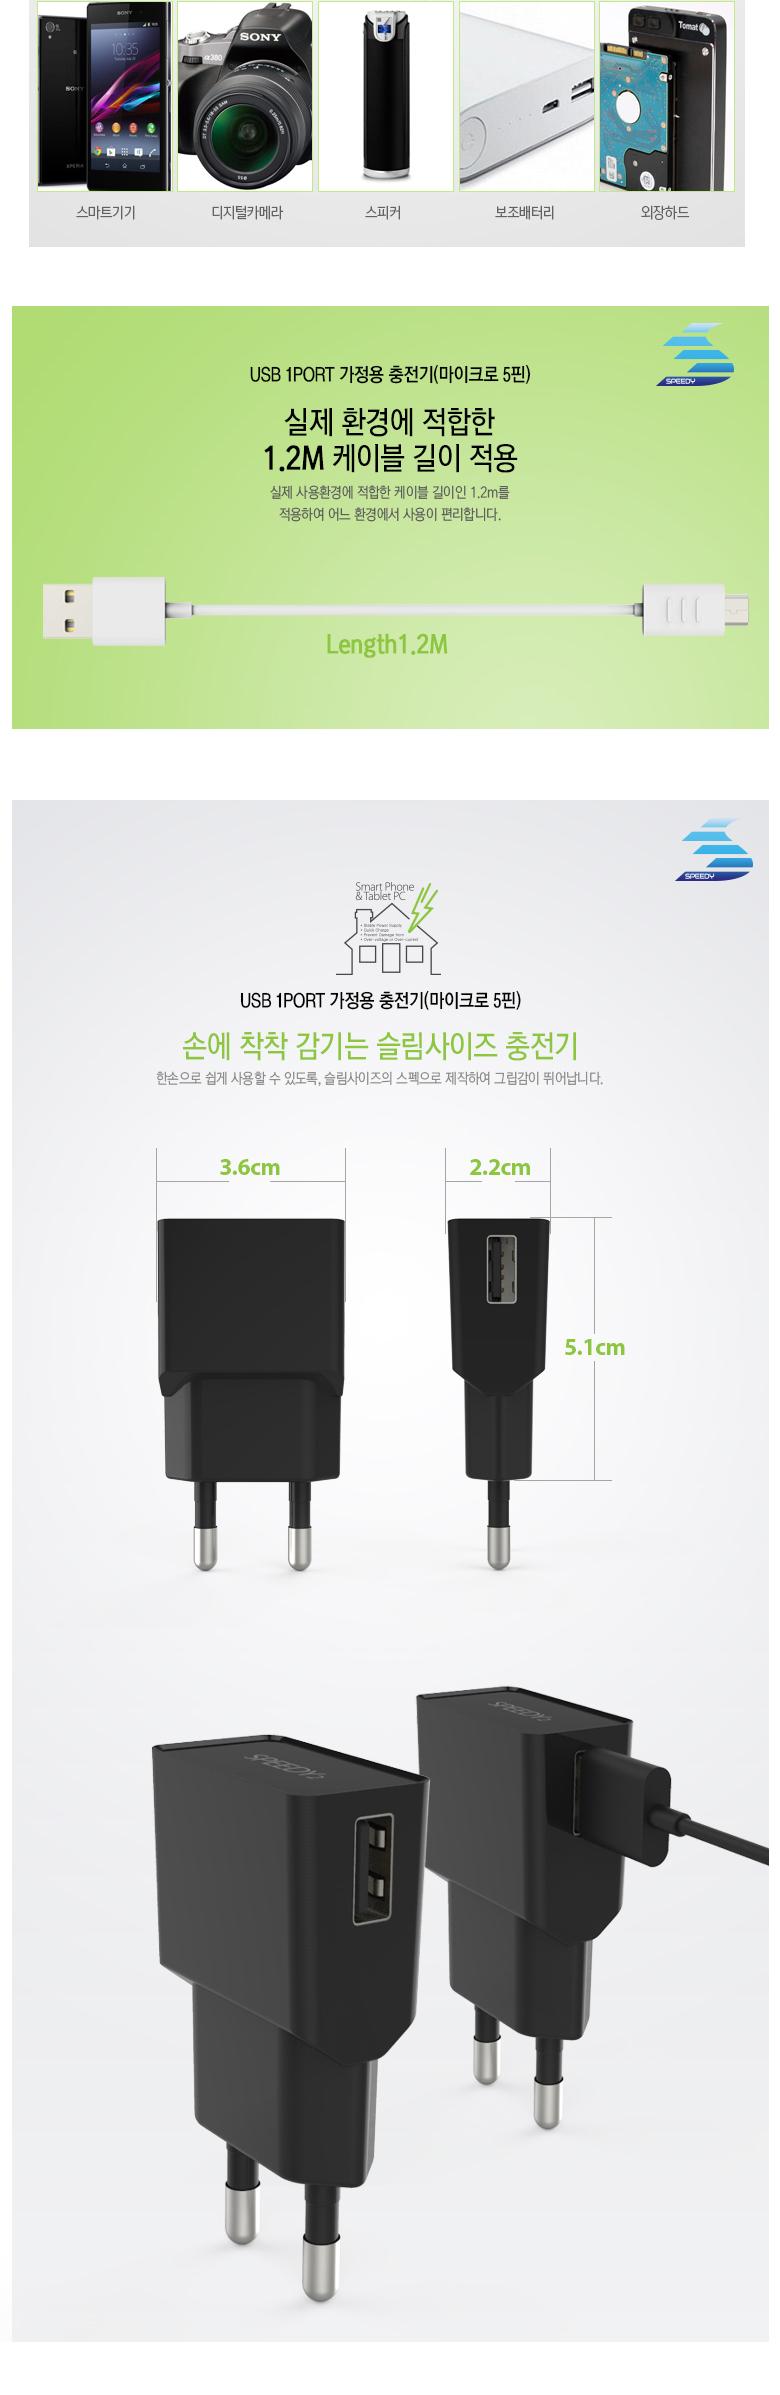 스피디 SPEEDY 5V 2.1A 5핀 가정용 USB 충전기 휴대폰 - 스피디, 4,000원, 충전기, 일체형충전기